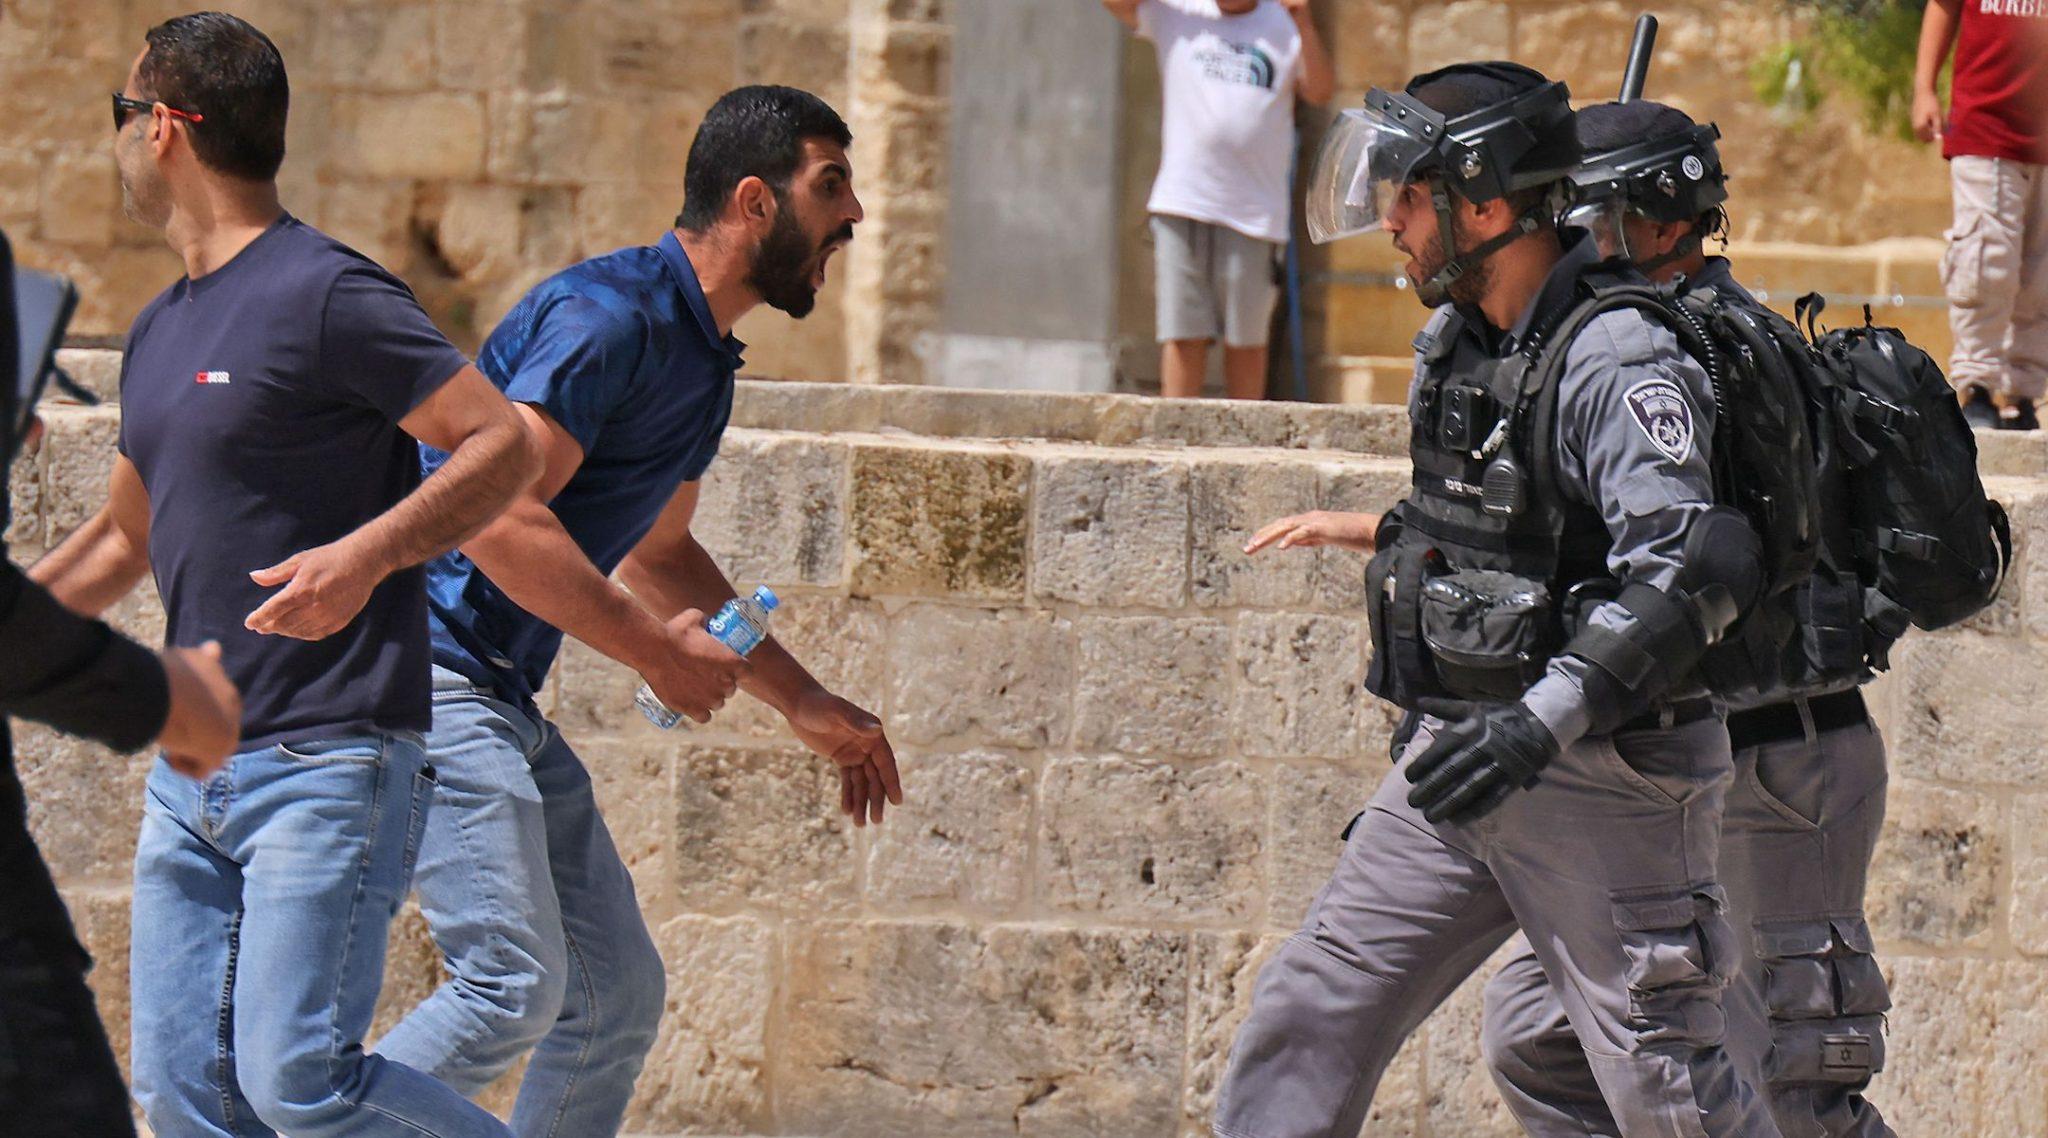 Израиль и ХАМАС не воюют, несмотря на столкновения в Иерусалиме